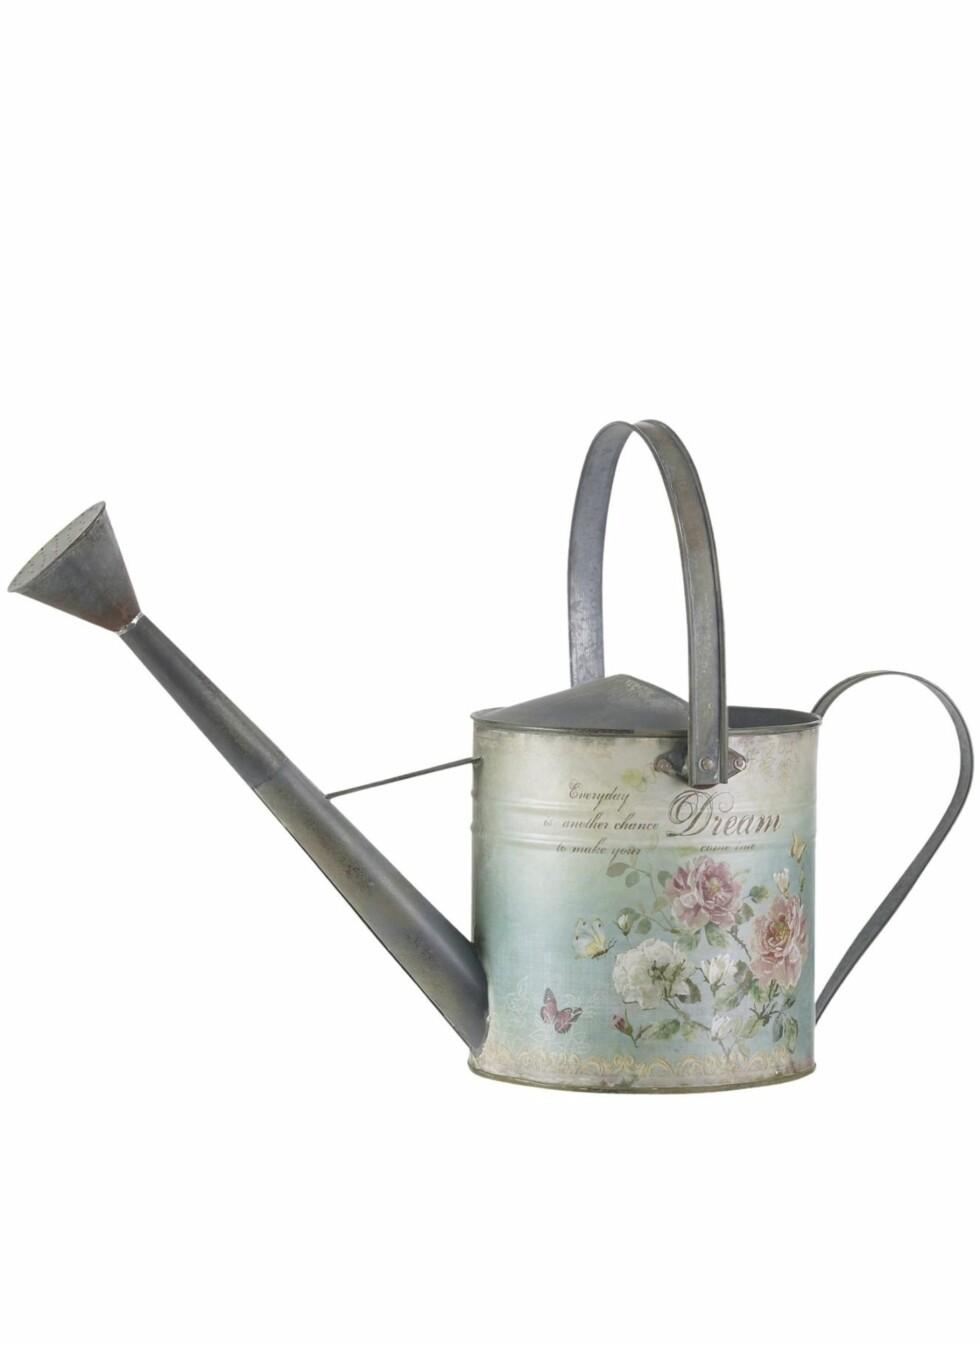 Romantisk vannkanne i antikkbehandlet metall, Jotex, kr 299. Foto: Produsenten